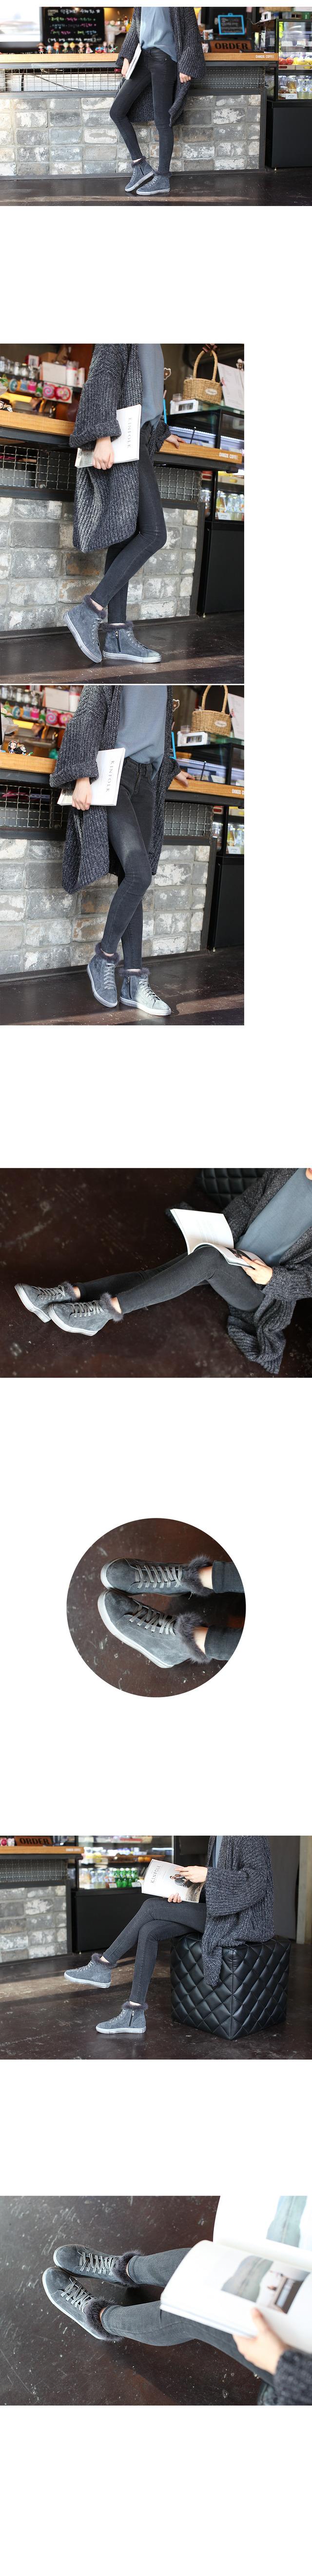 Kit Kat High Top Sneakers 2.5cm